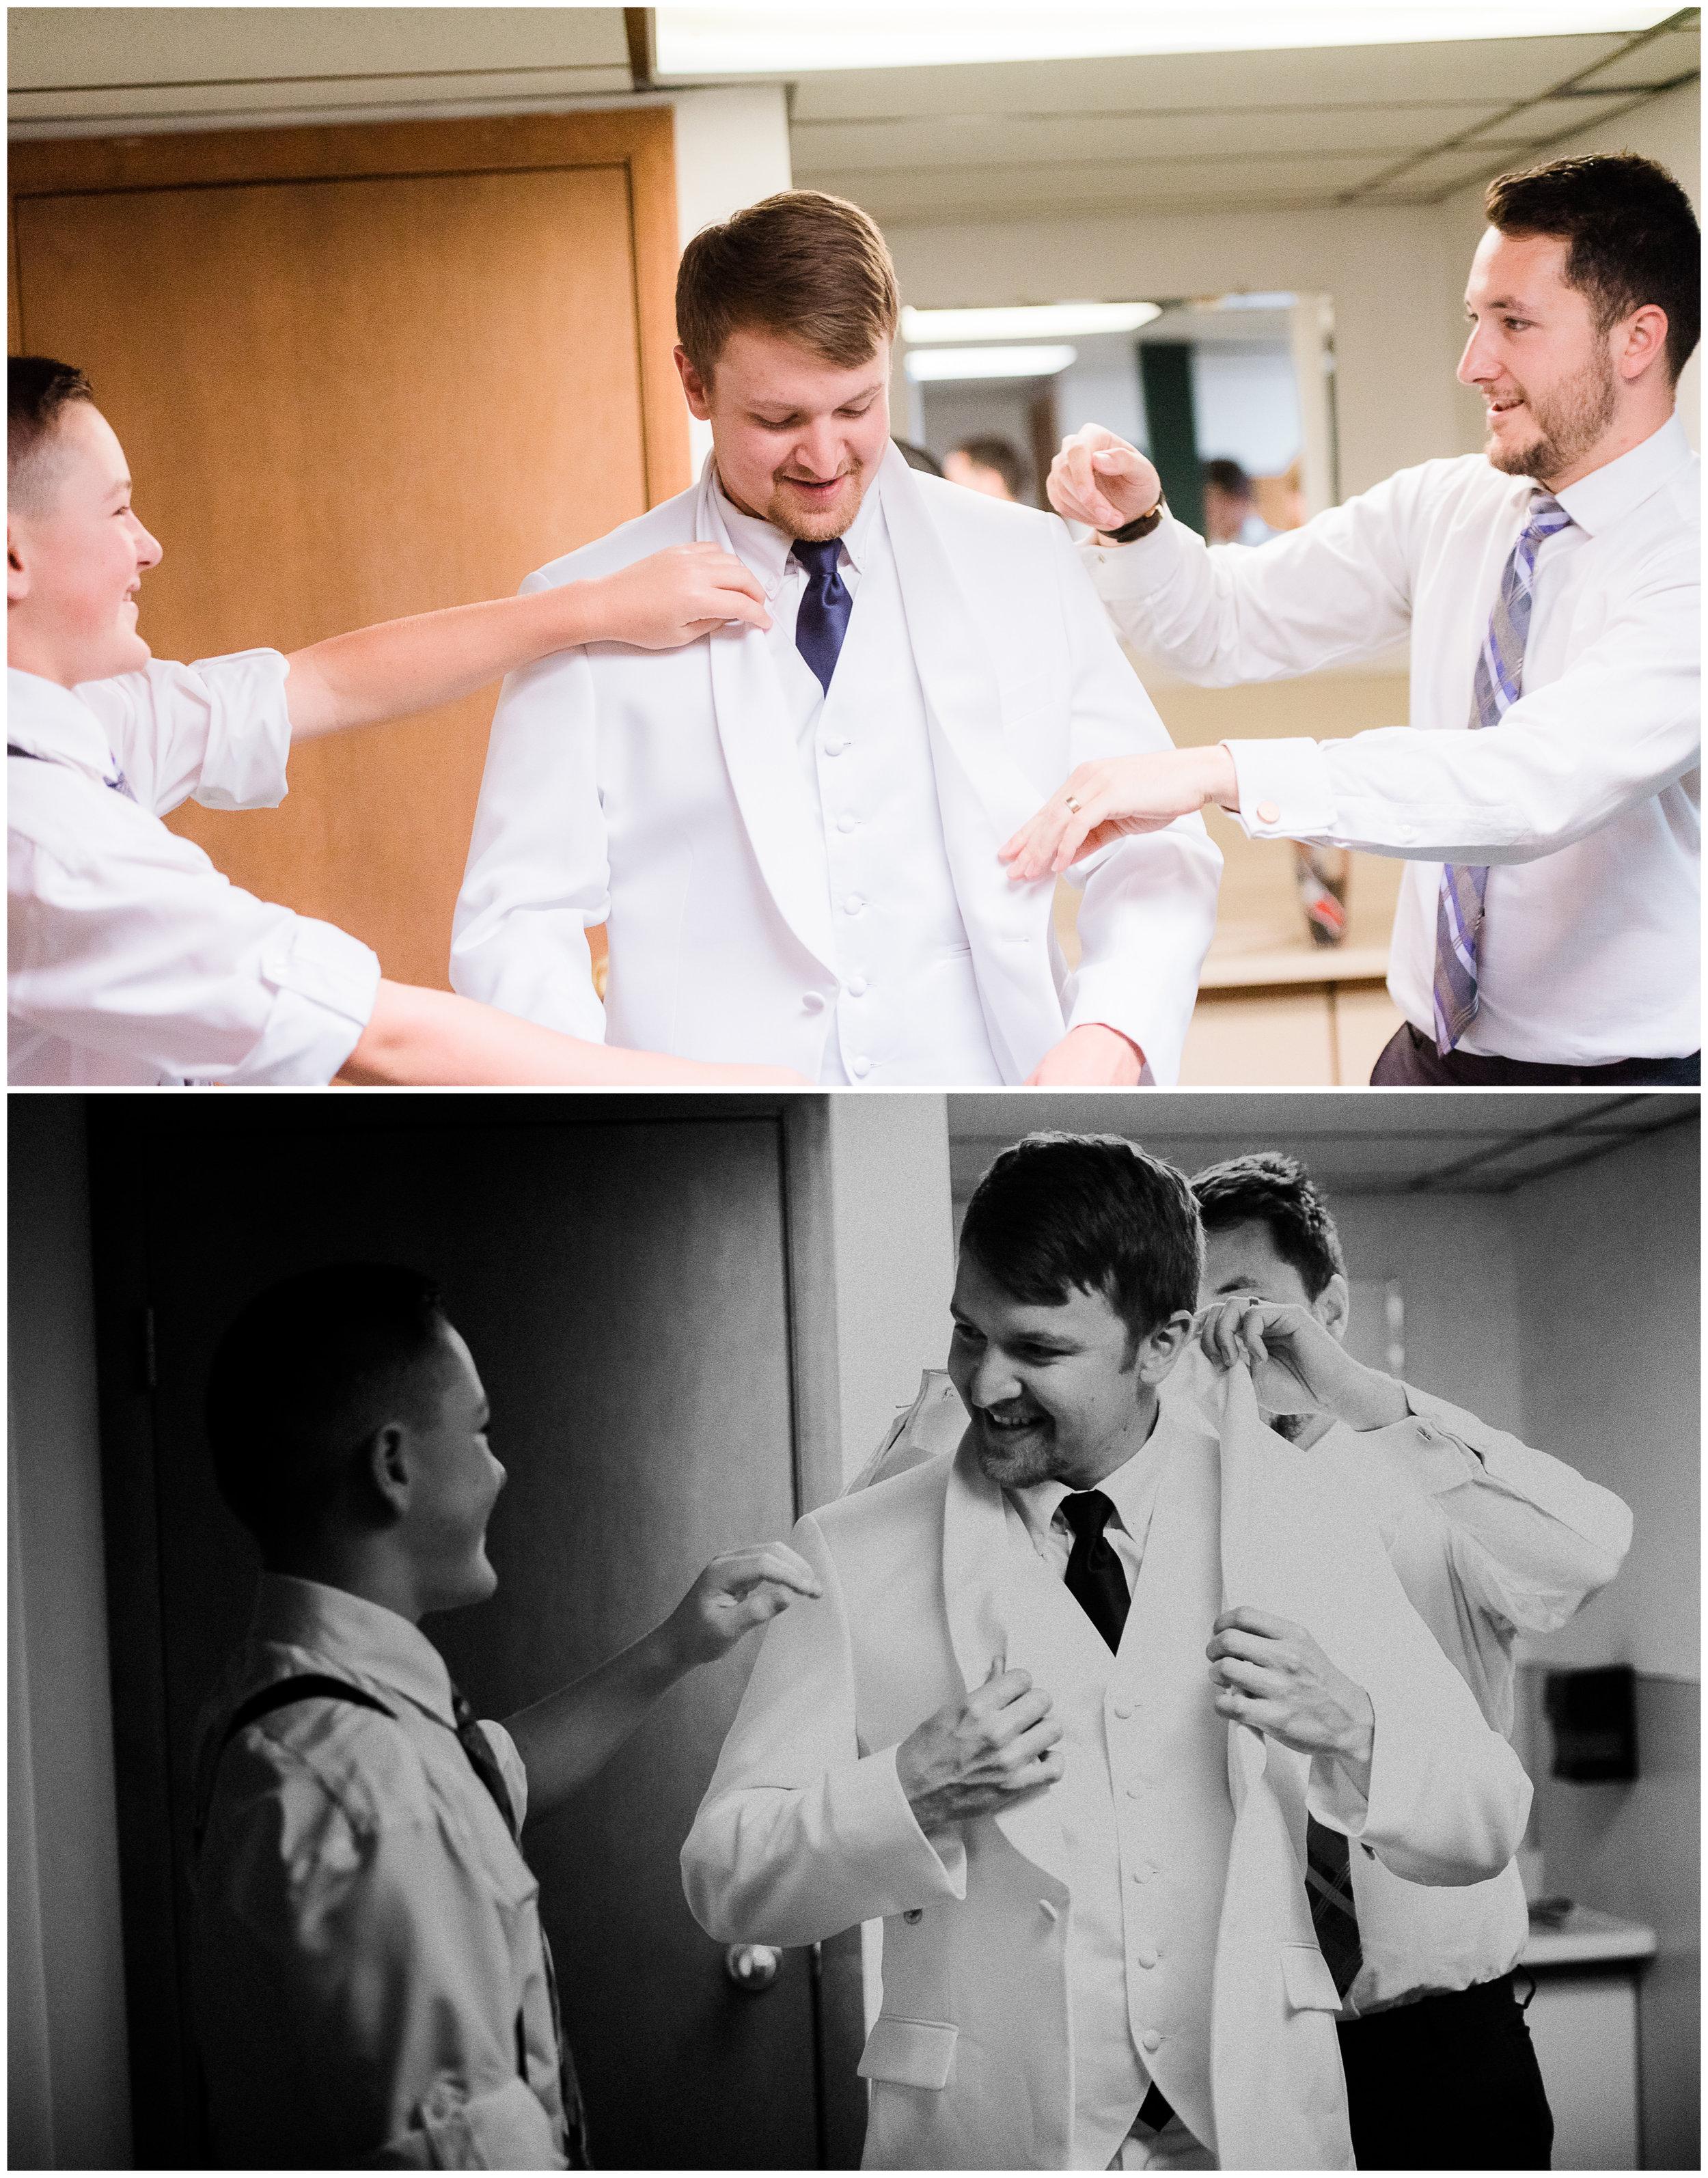 Boys getting ready for the wedding